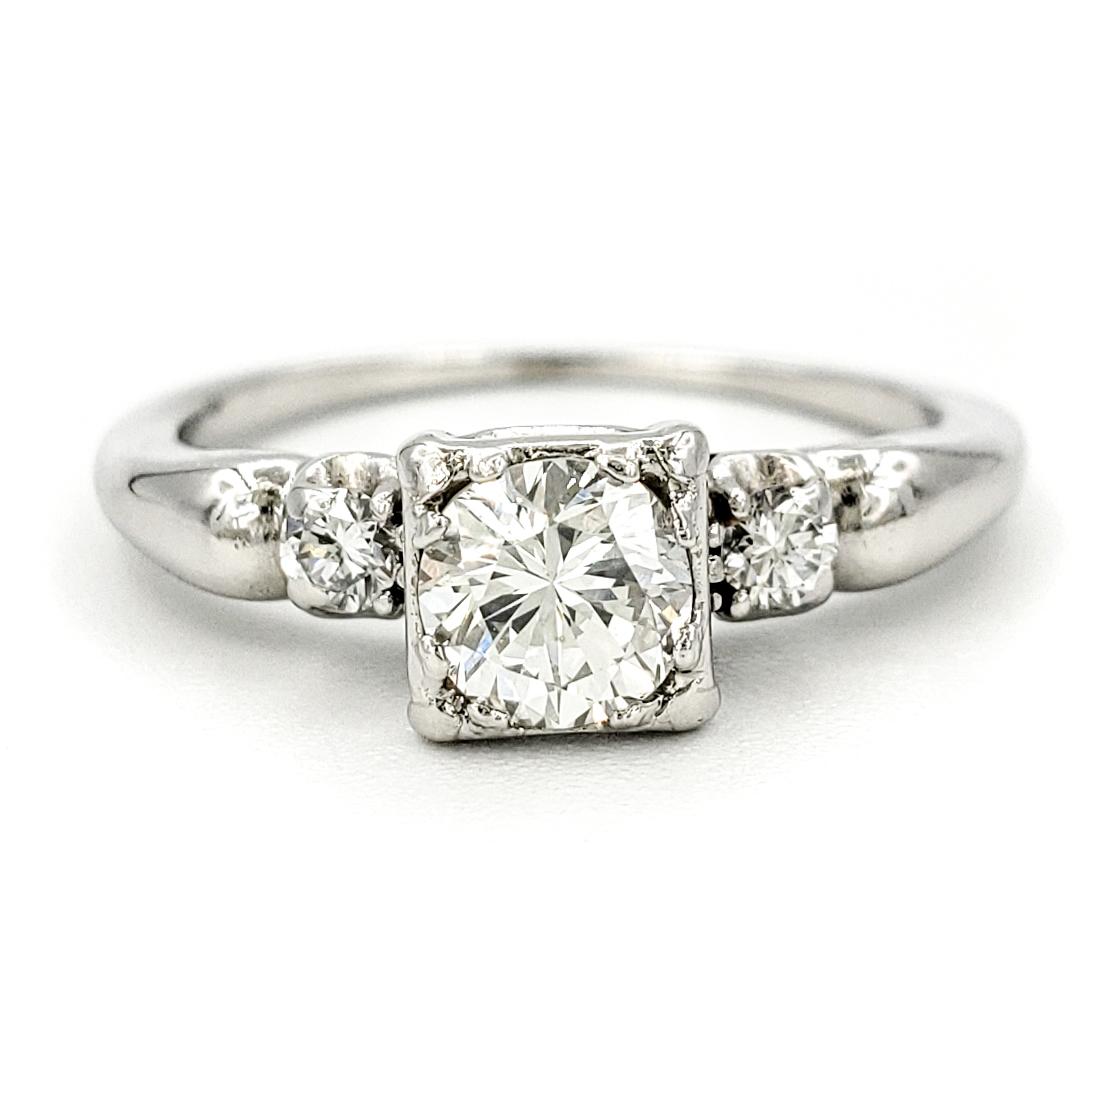 vintage-platinum-engagement-ring-with-0-44-carat-round-brilliant-cut-diamond-egl-h-vs2